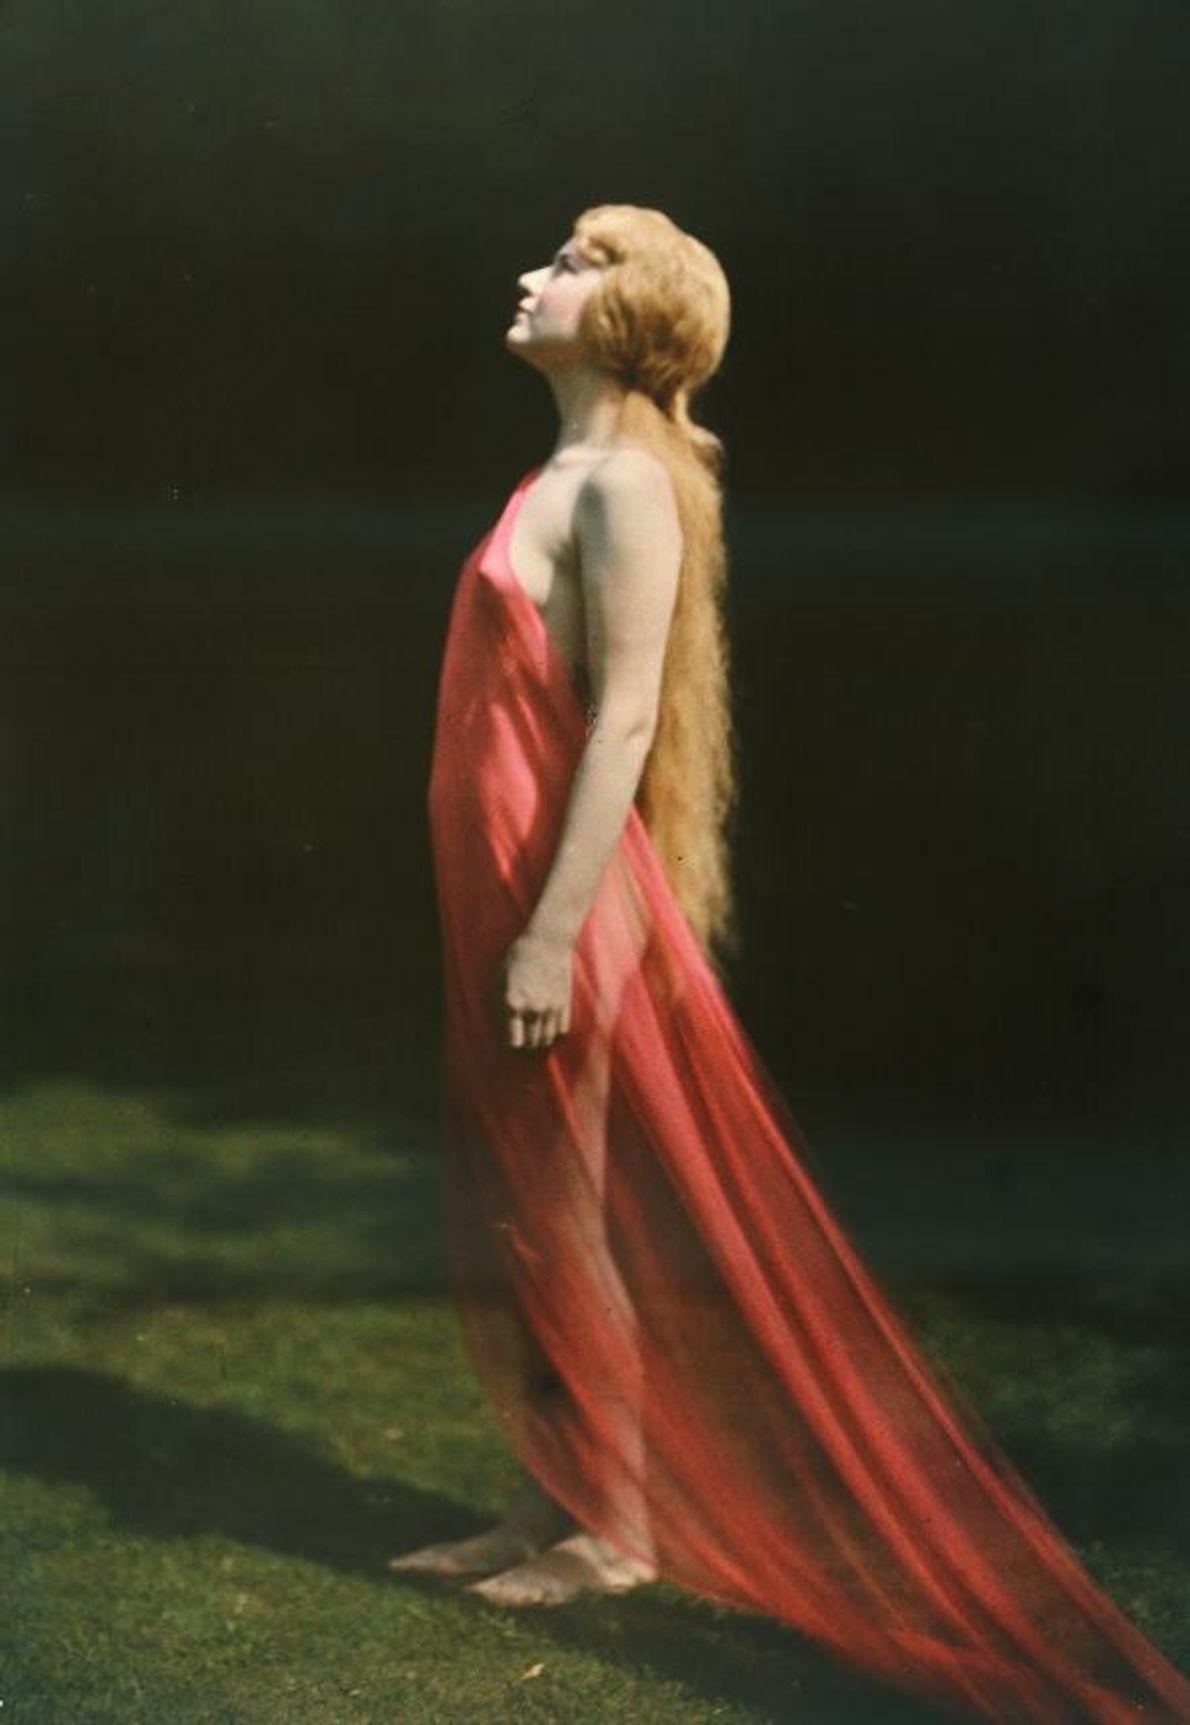 Enveloppée de soie rouge, une femme regarde vers le ciel dans cette photo autochrome. National Geographic ...